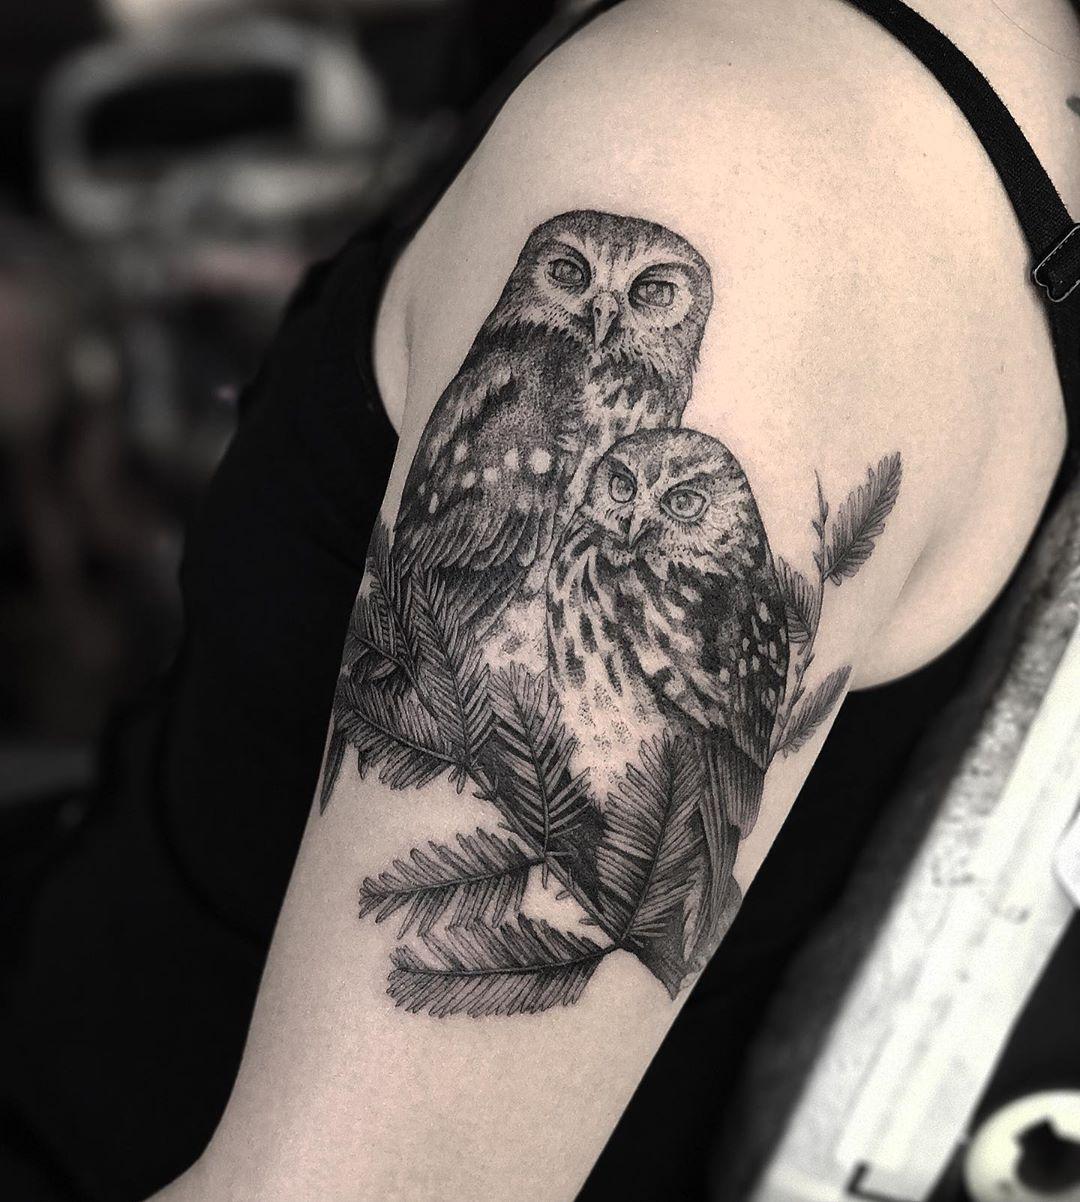 Two Owls Tattoo Owl Tattoo Design Owl Tattoo Snowy Owl Tattoo